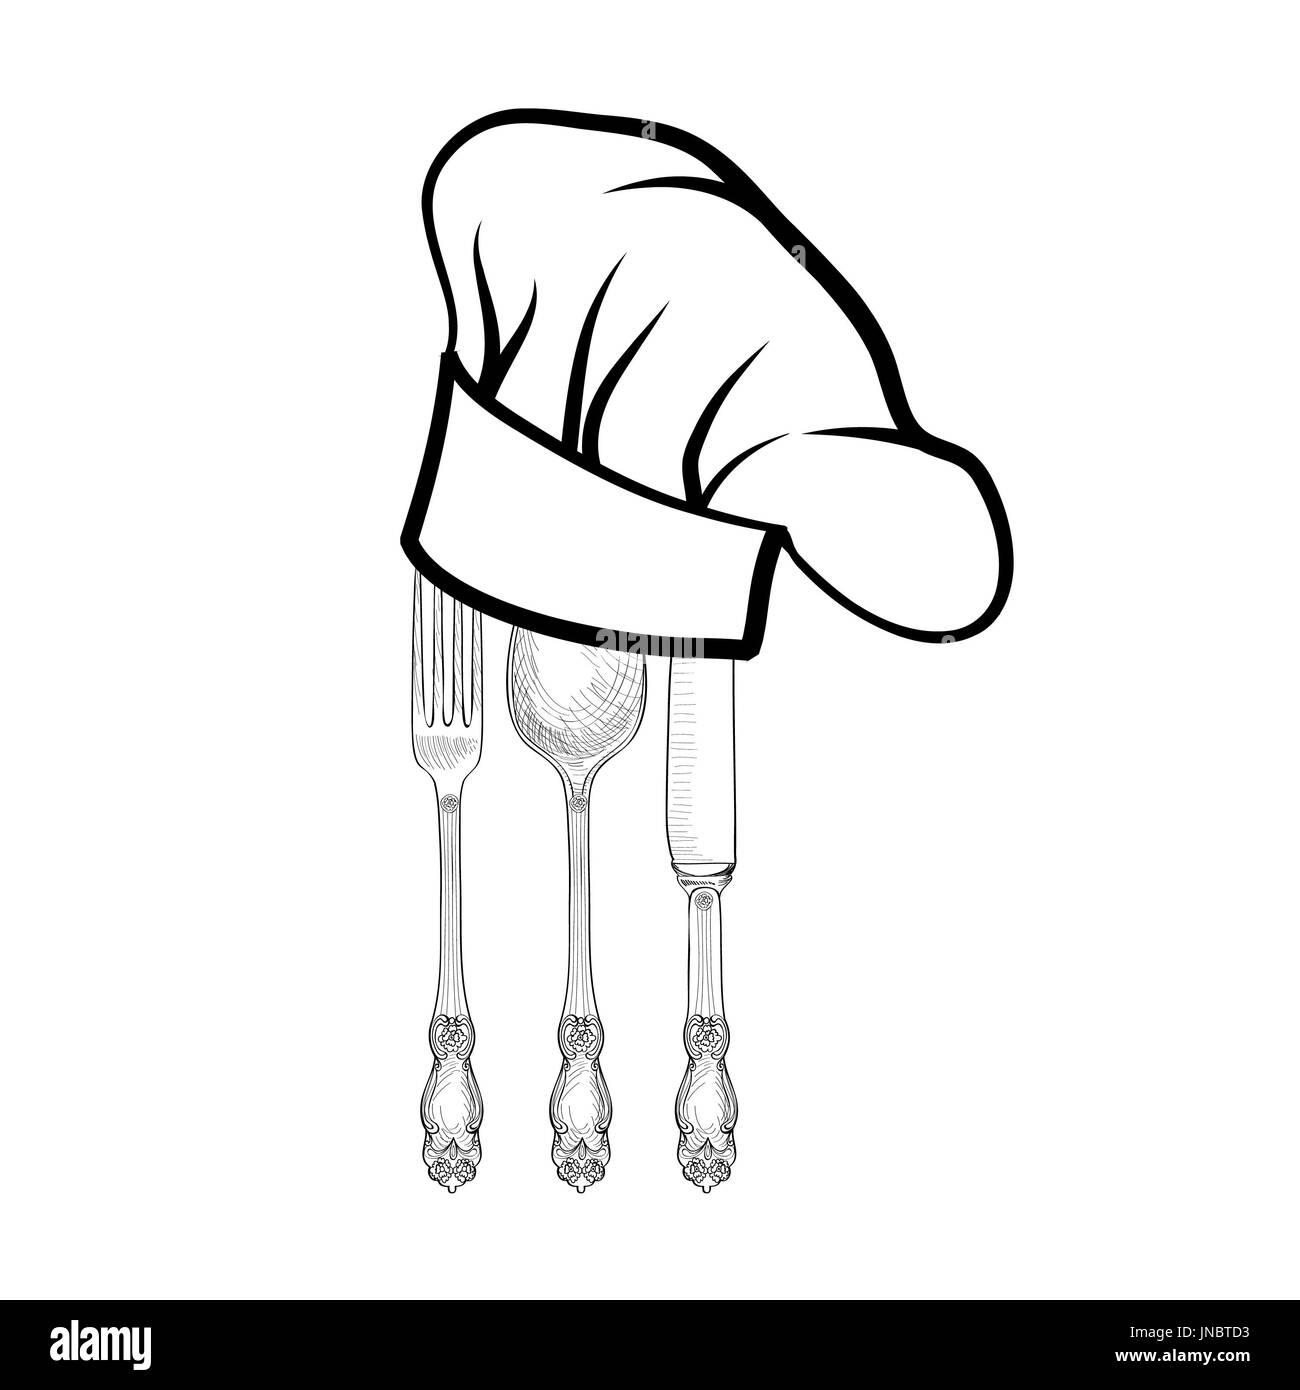 Kuchenchef Hut Mit Gabel Loffel Und Messer Hand Zeichnung Skizze Label Besteck Symbol Vektor Catering Und Restaurant Service Restaurant Symbol C Insignia Stockfotografie Alamy